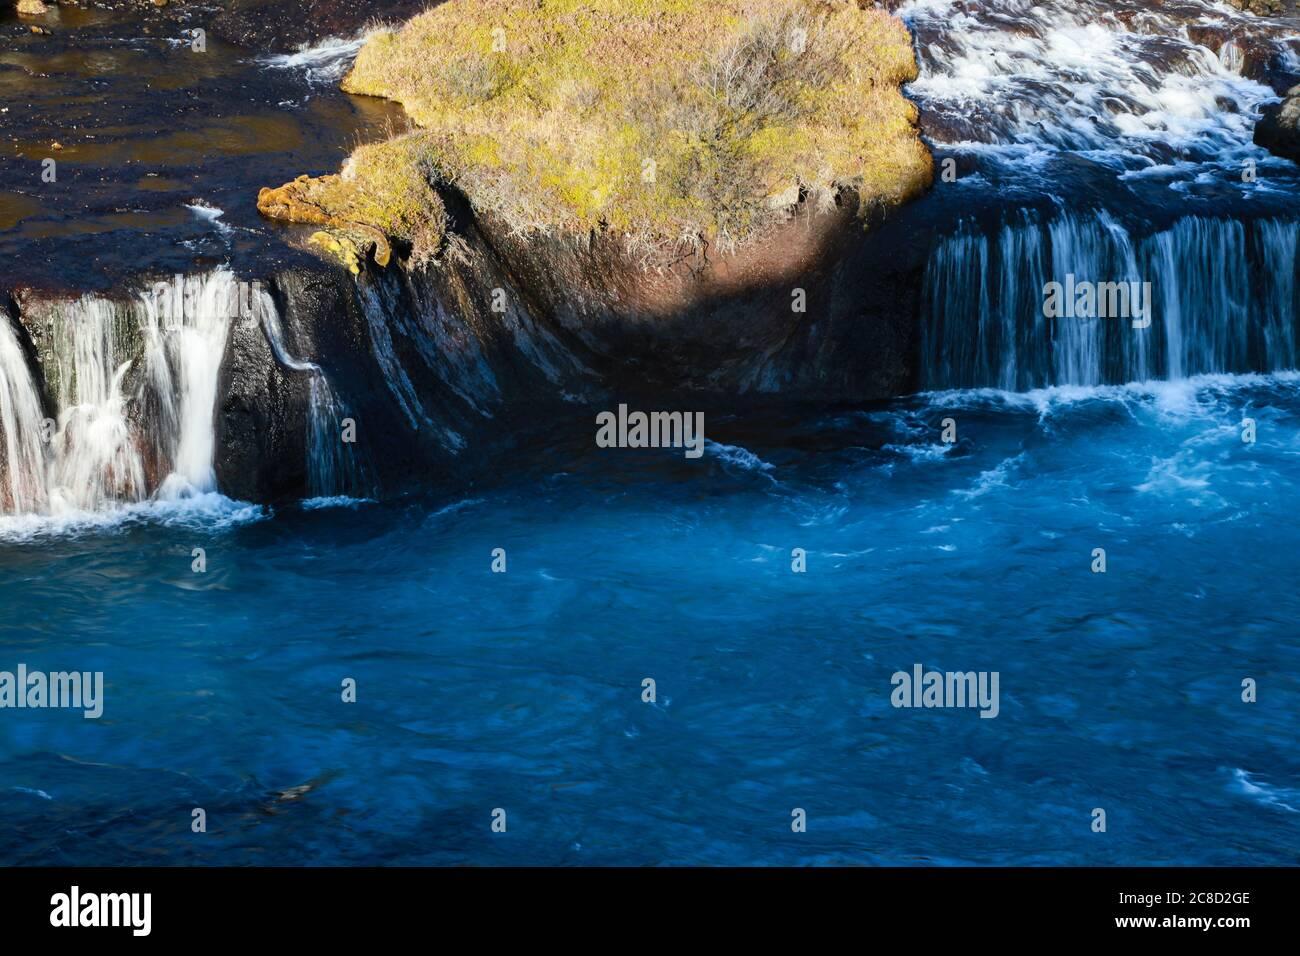 Cascade de Bjarnafoss en Islande, venant de dessous une grande plaine de lave. Belles couleurs de bleu. Banque D'Images